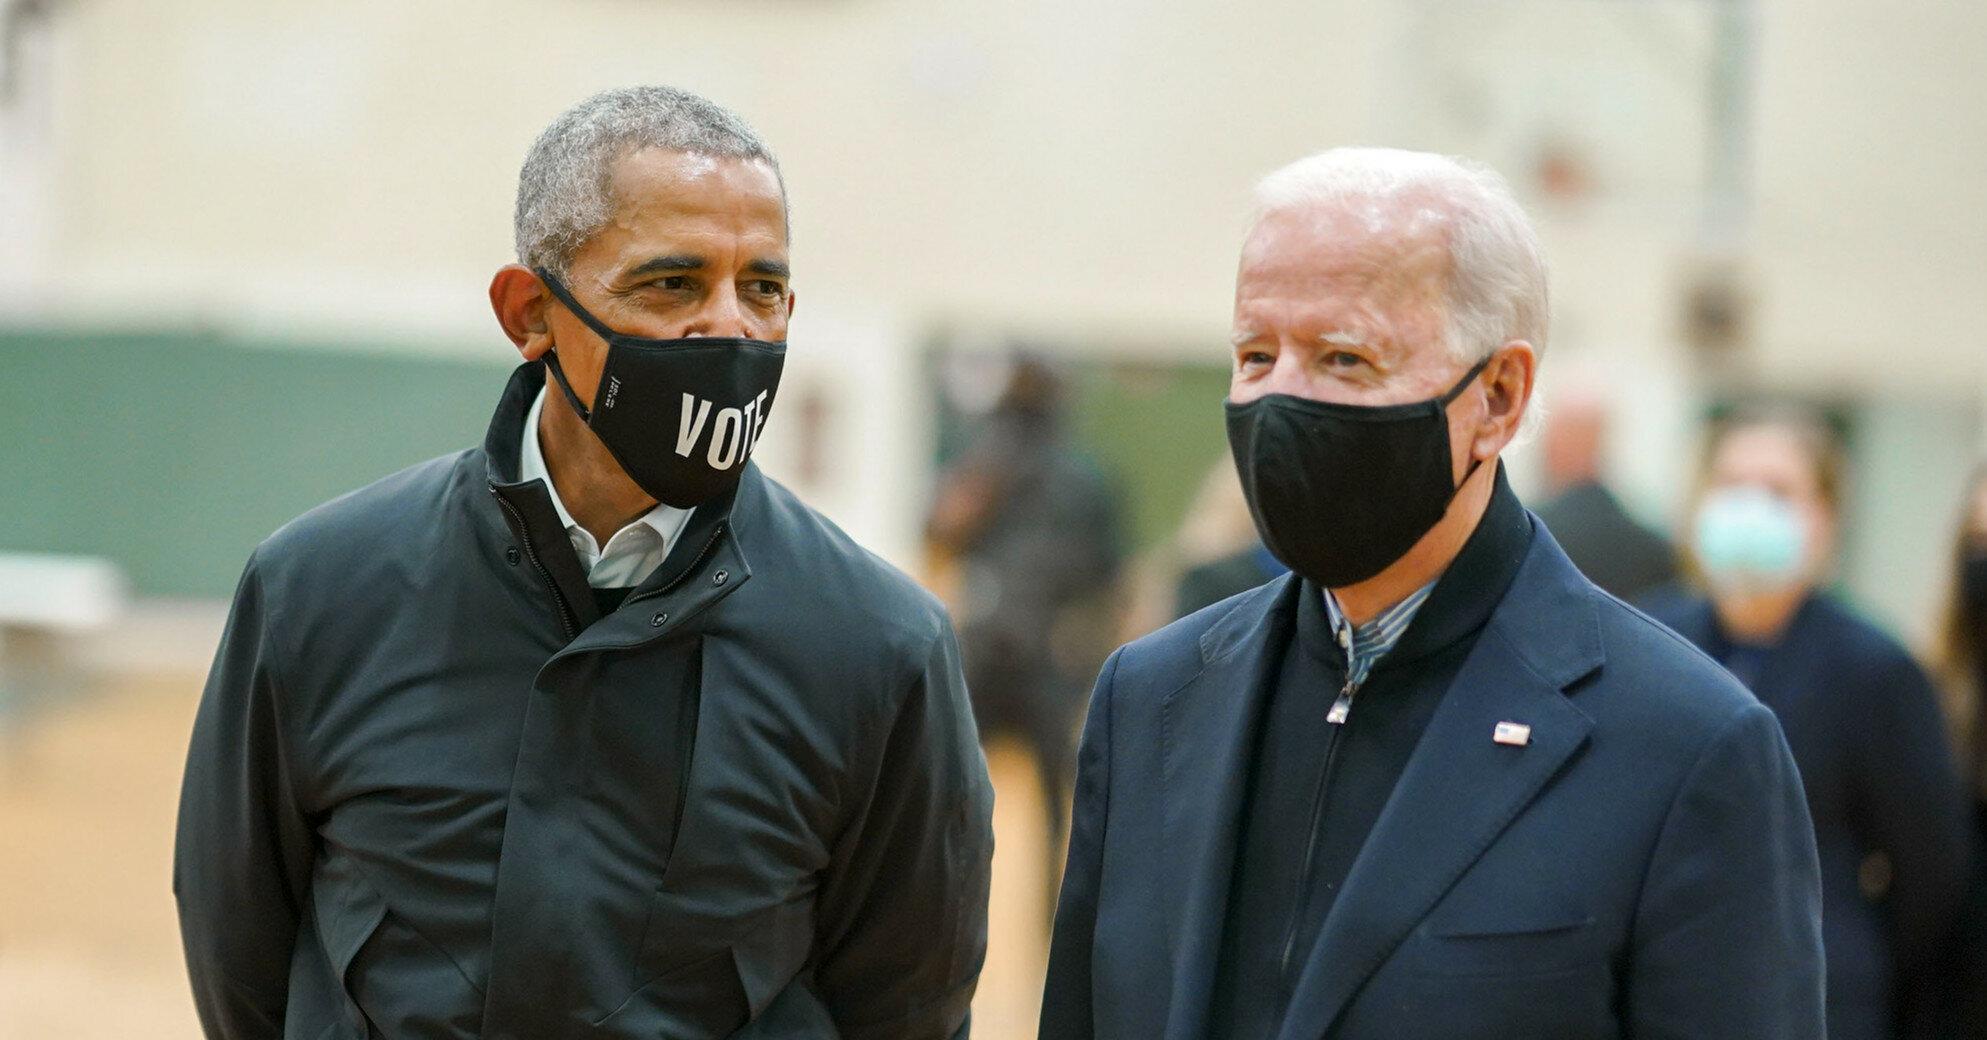 Байден не поедет на празднование юбилея Обамы